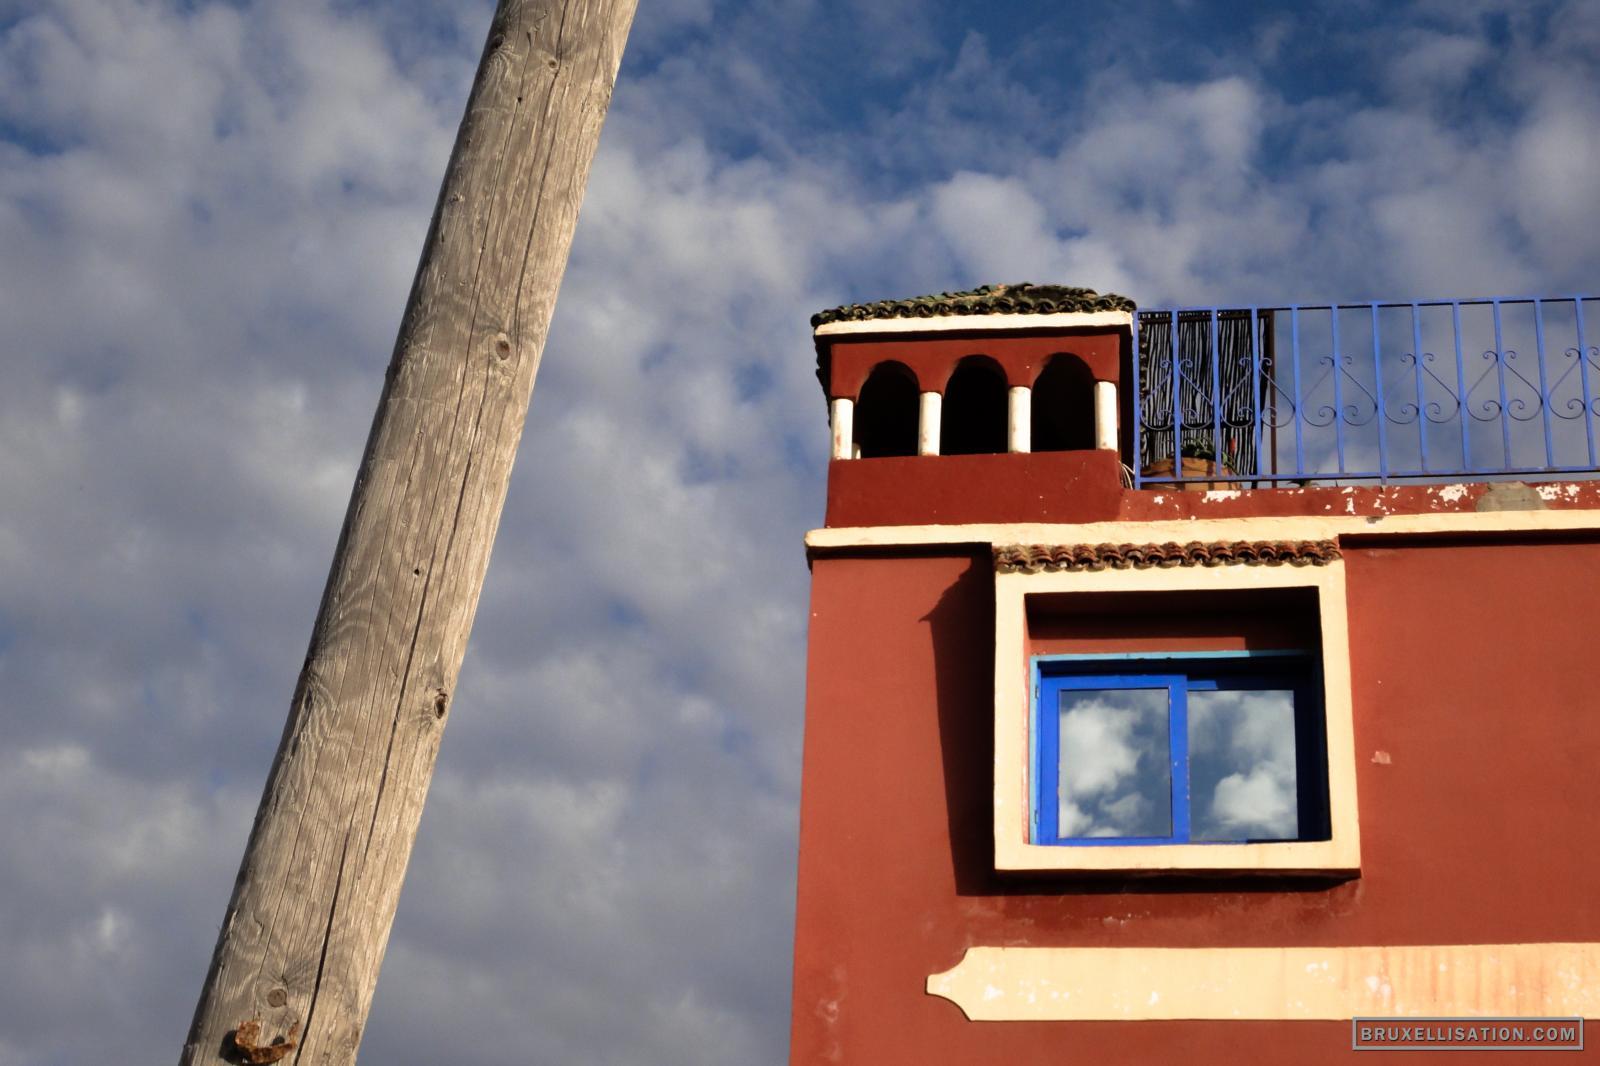 Essaouira, Morocco, December 2014